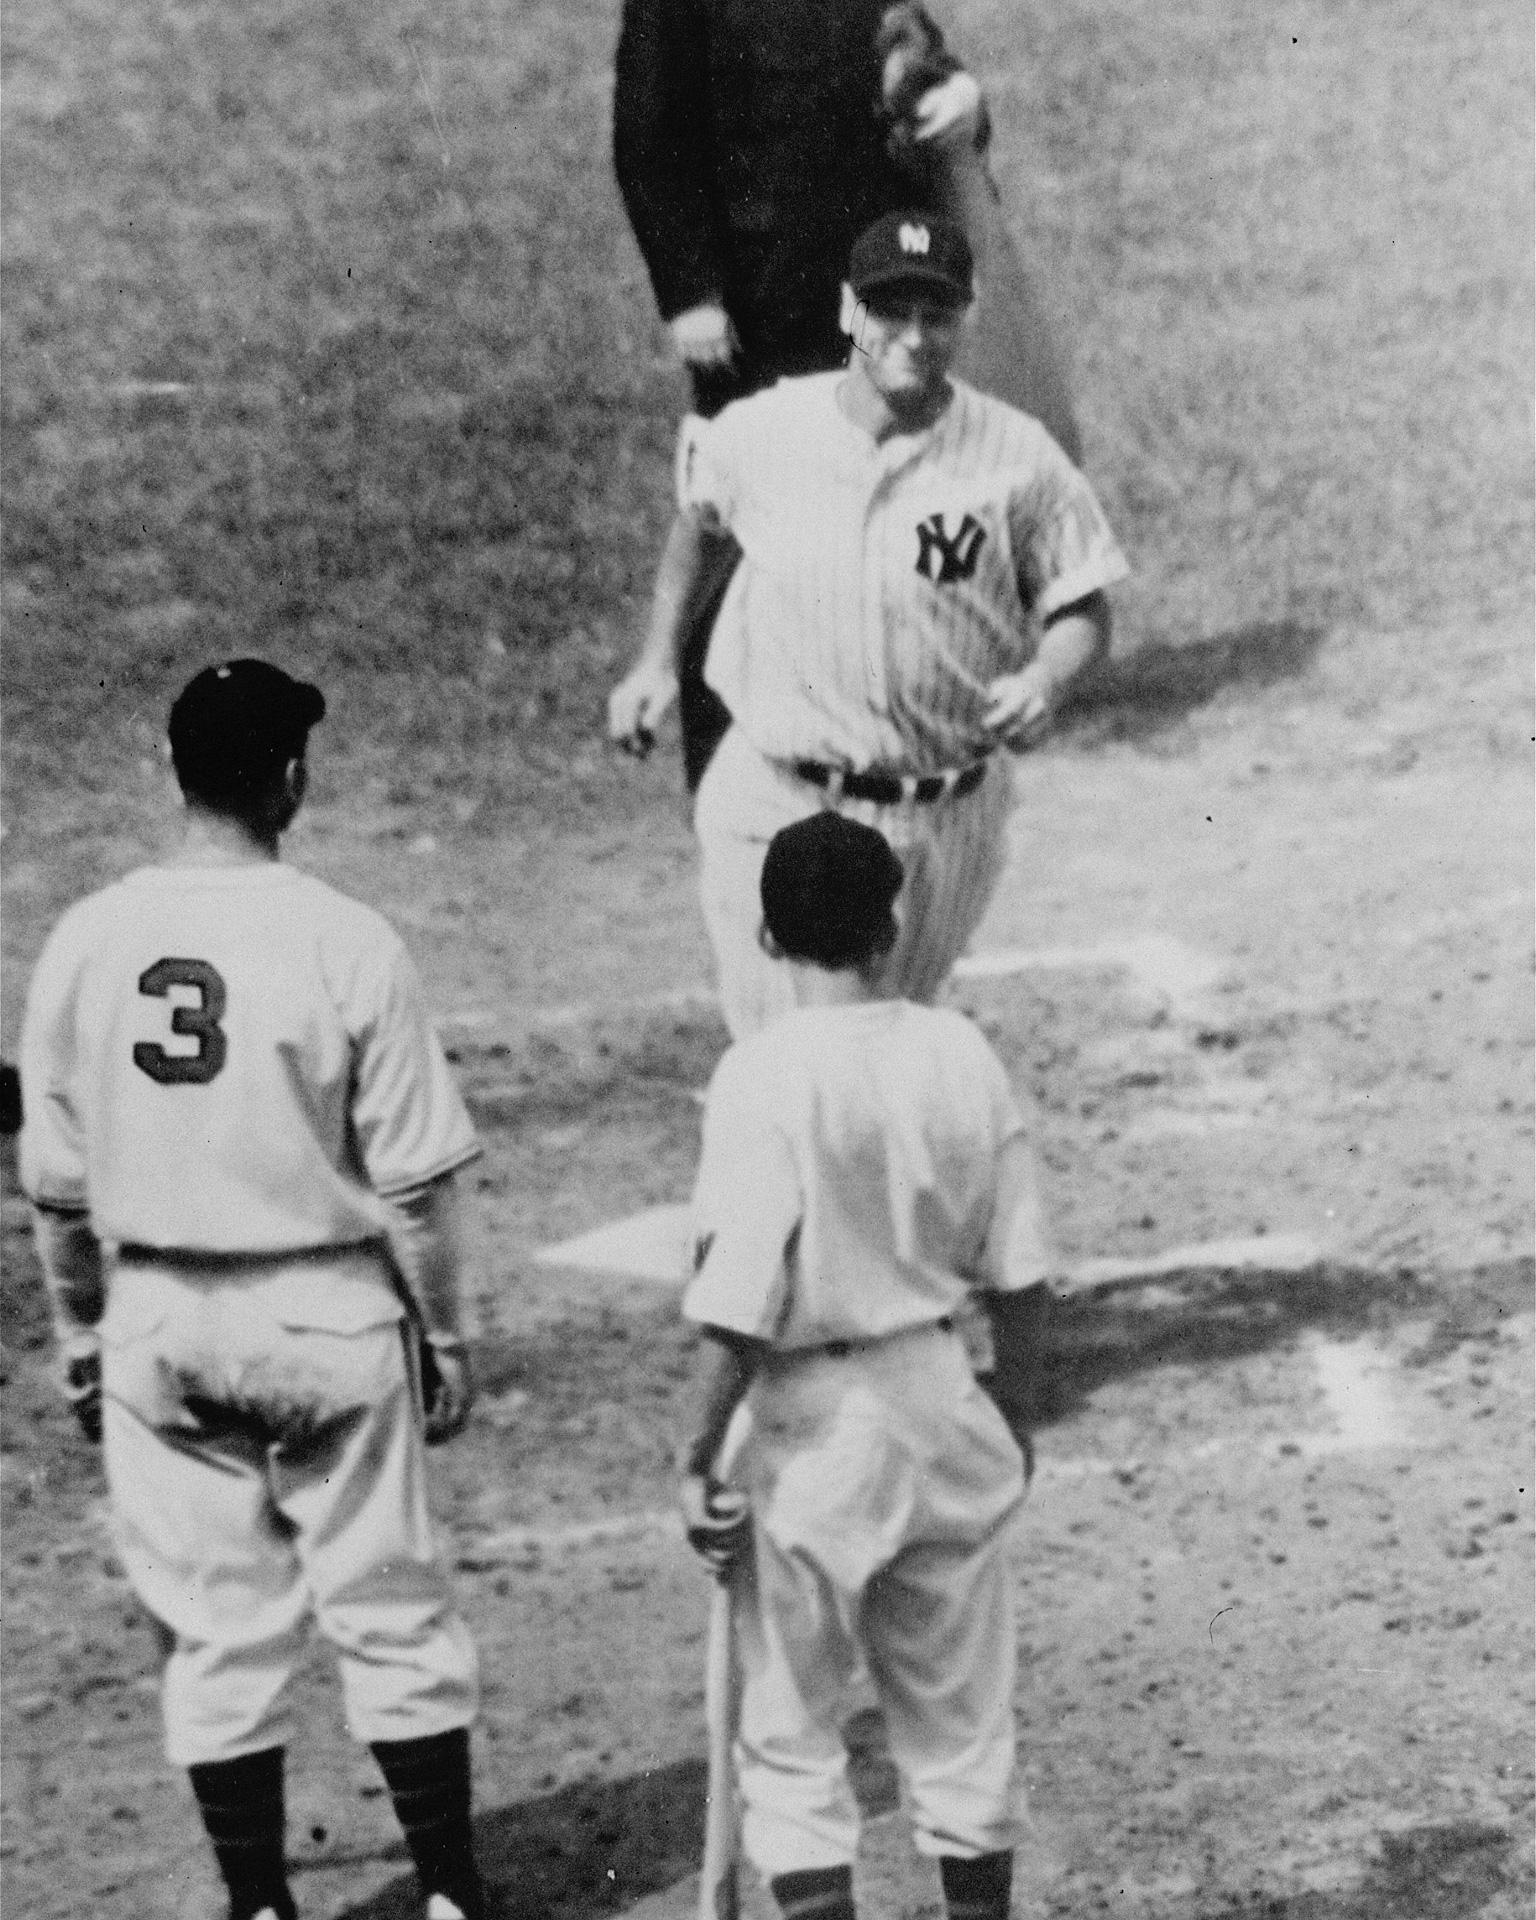 1B: Lou Gehrig